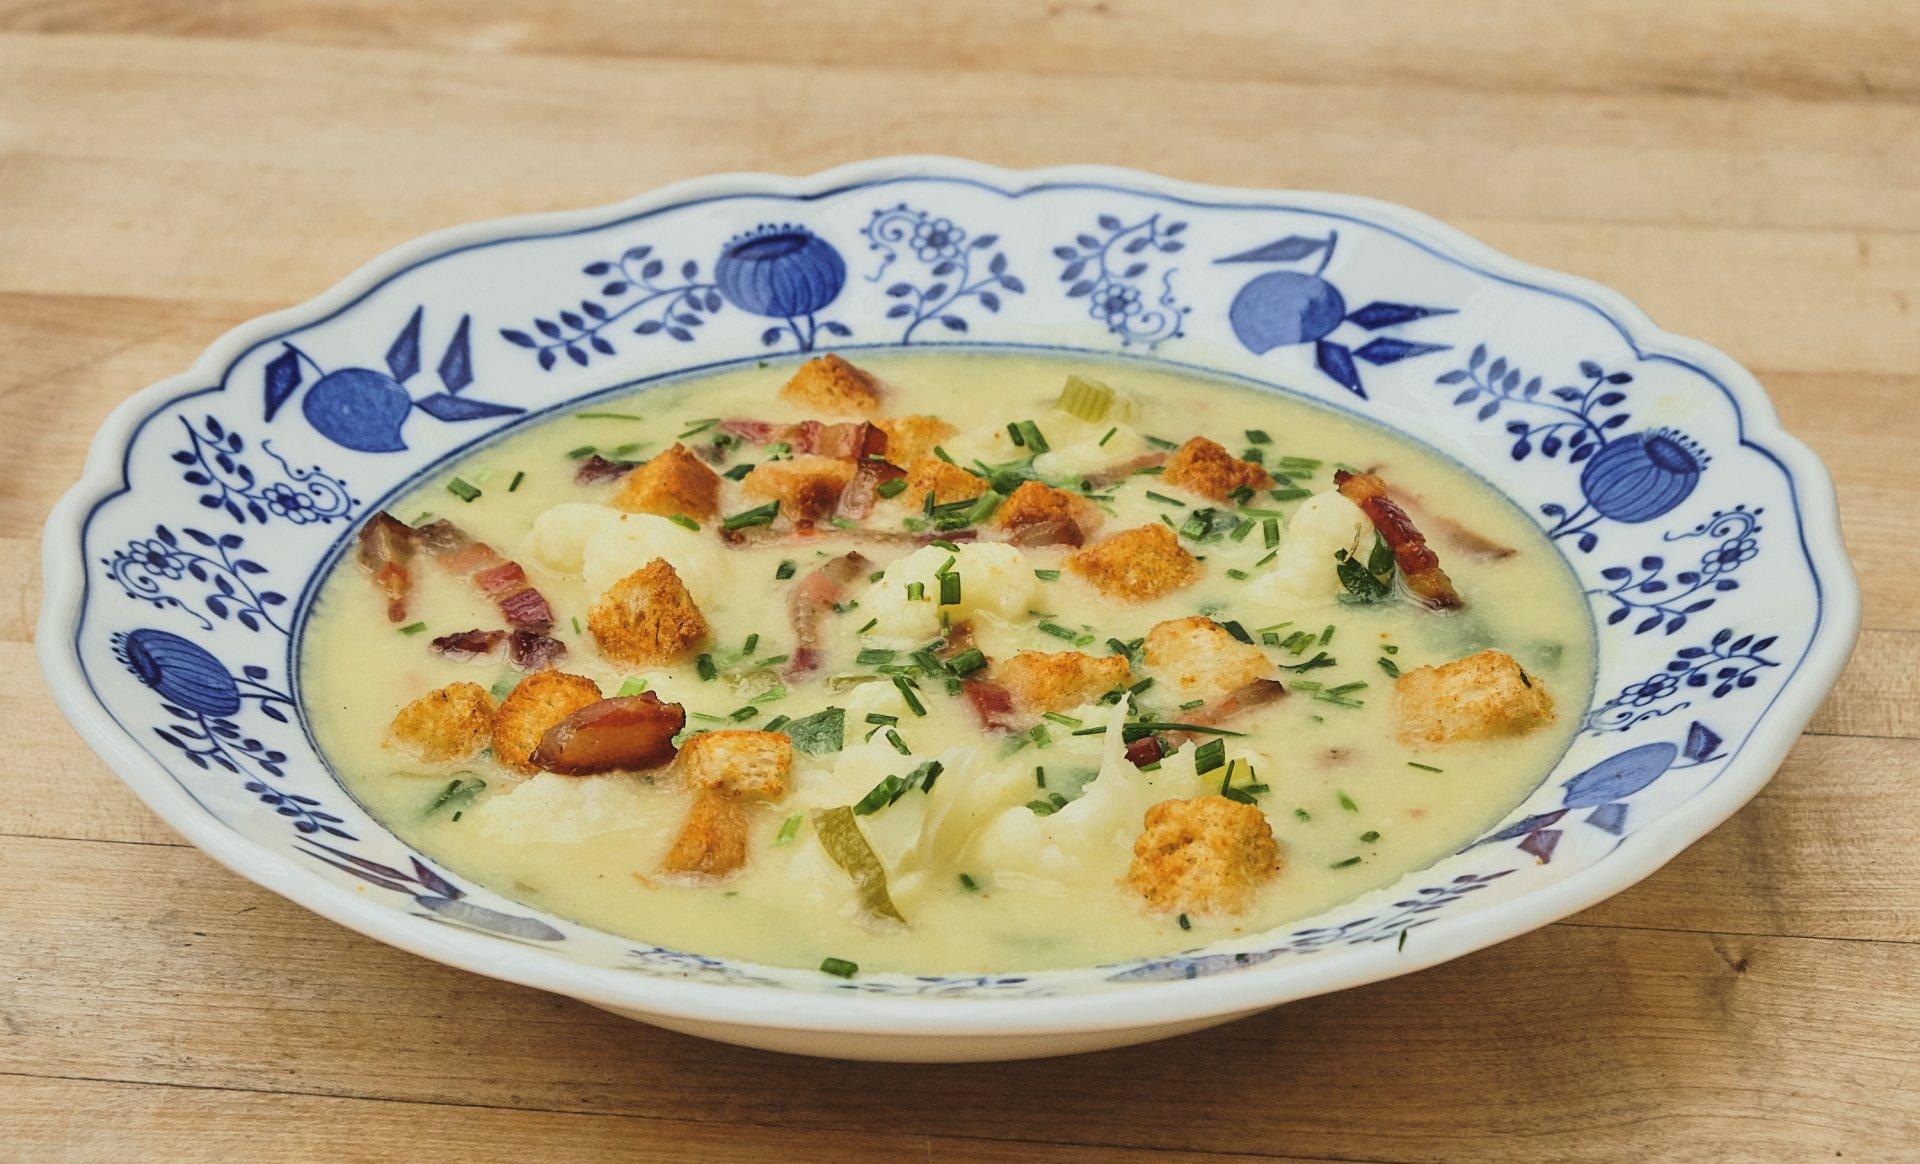 Blumenkohlsuppe mit Pnchetta und Sweet-Chili Croitons.jpg